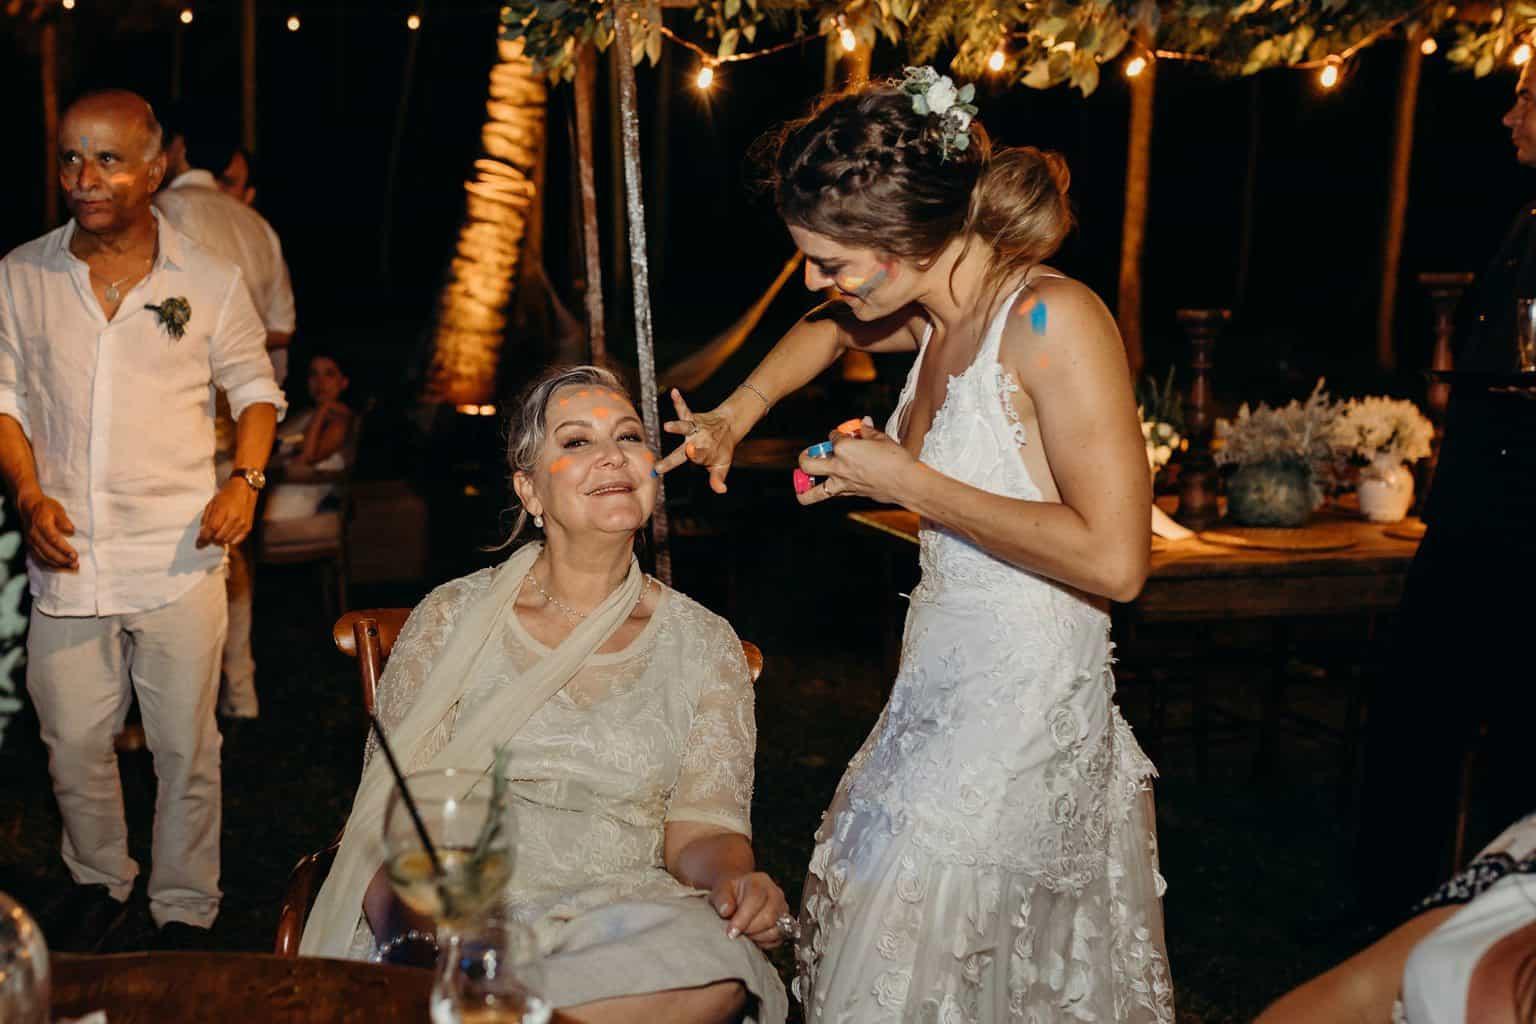 casamento-Danielle-e-Guilherme-aloha-fotografia-caseme-157